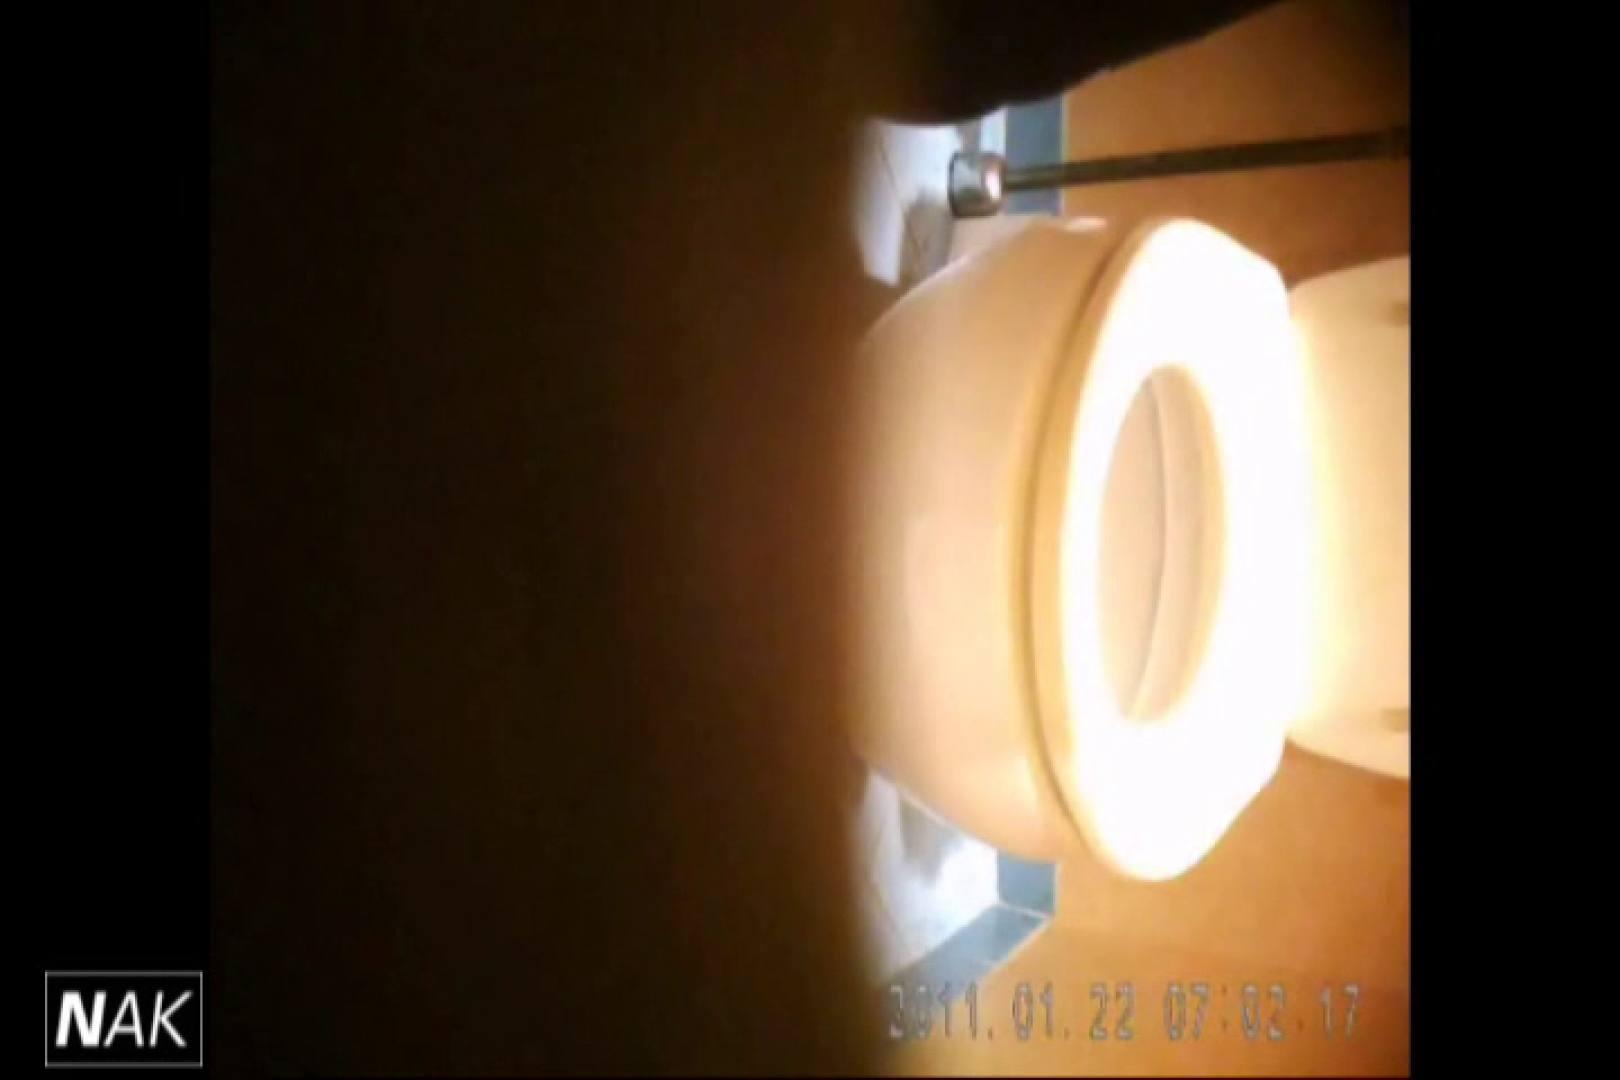 せん八さんの厠観察日記!2点監視カメラ 高画質5000K vol.10 HなOL オマンコ無修正動画無料 86pic 44